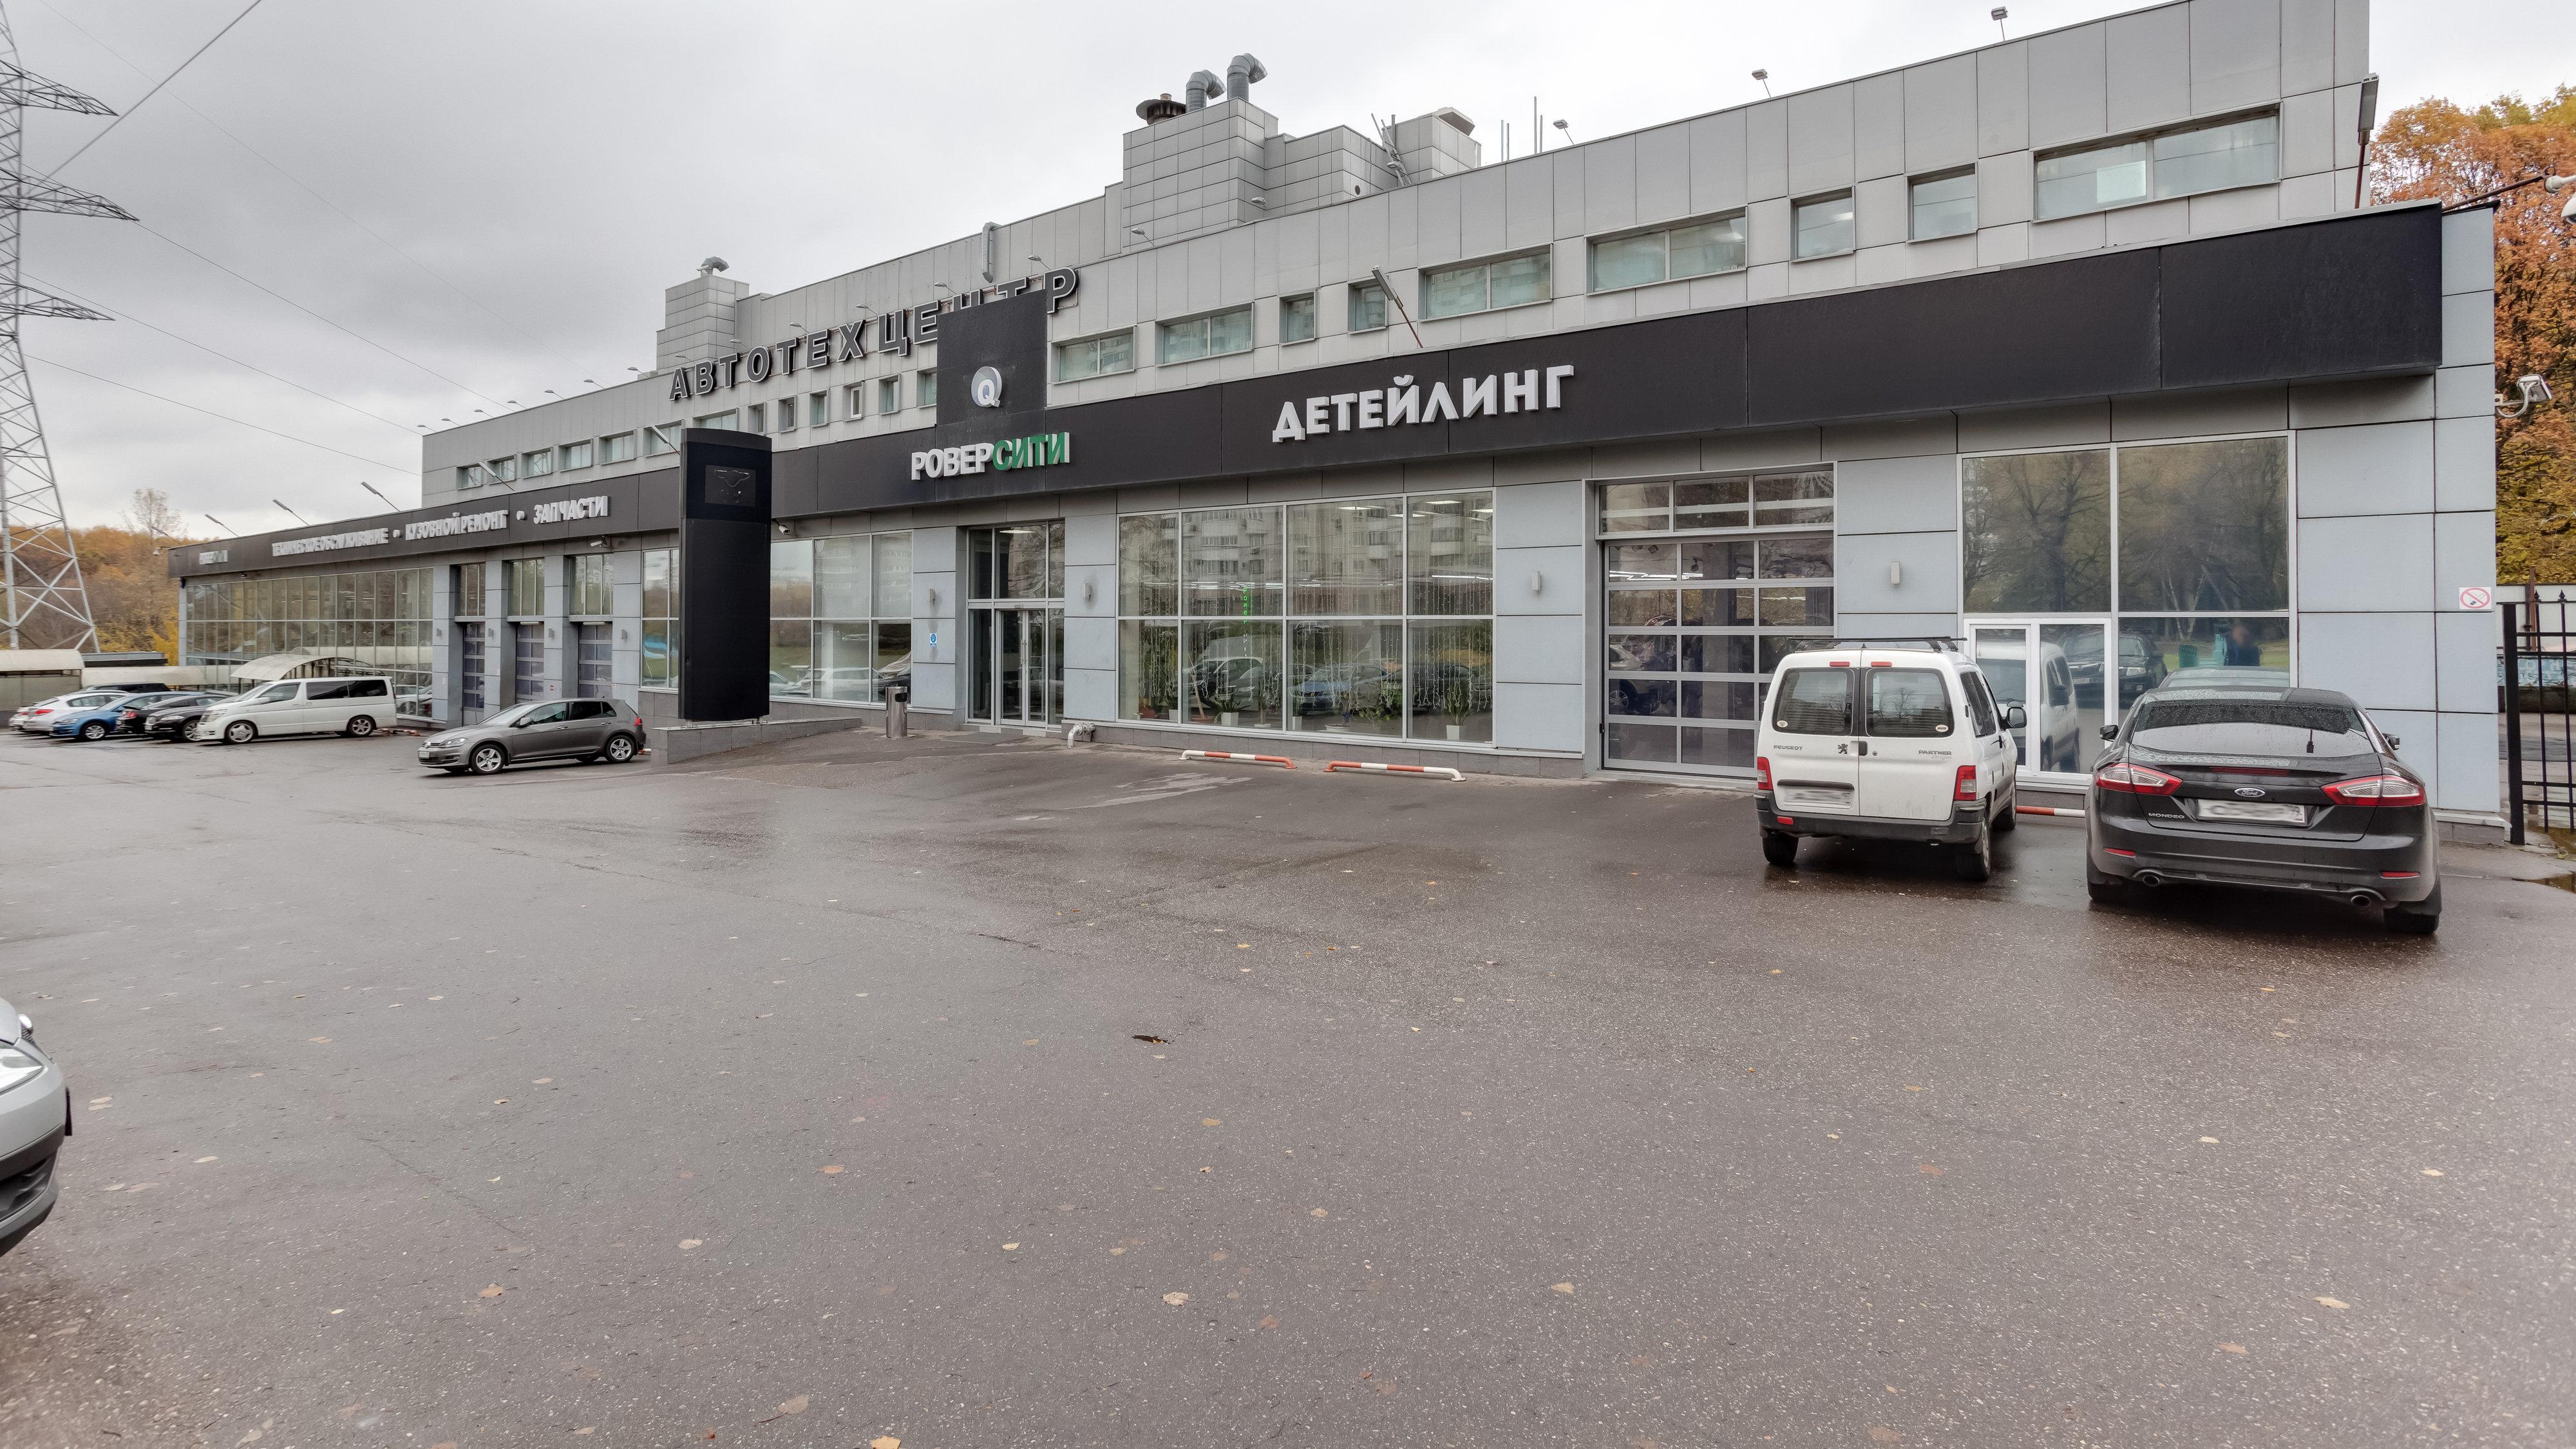 Автосалон в коньково москва куплю часы в москве ломбард